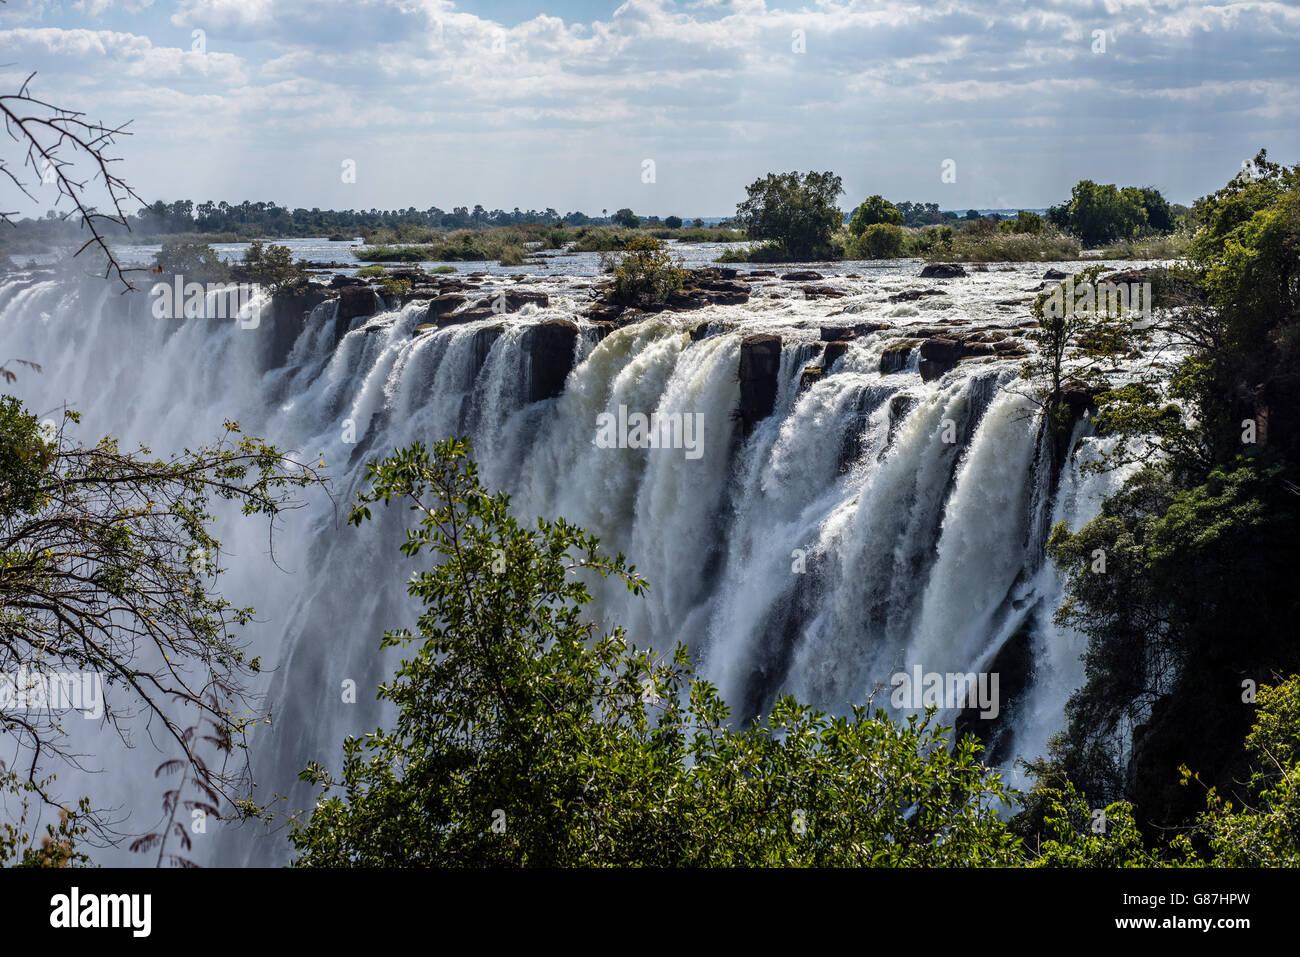 Victoria Falls, Livingstone, Zambia - Stock Image